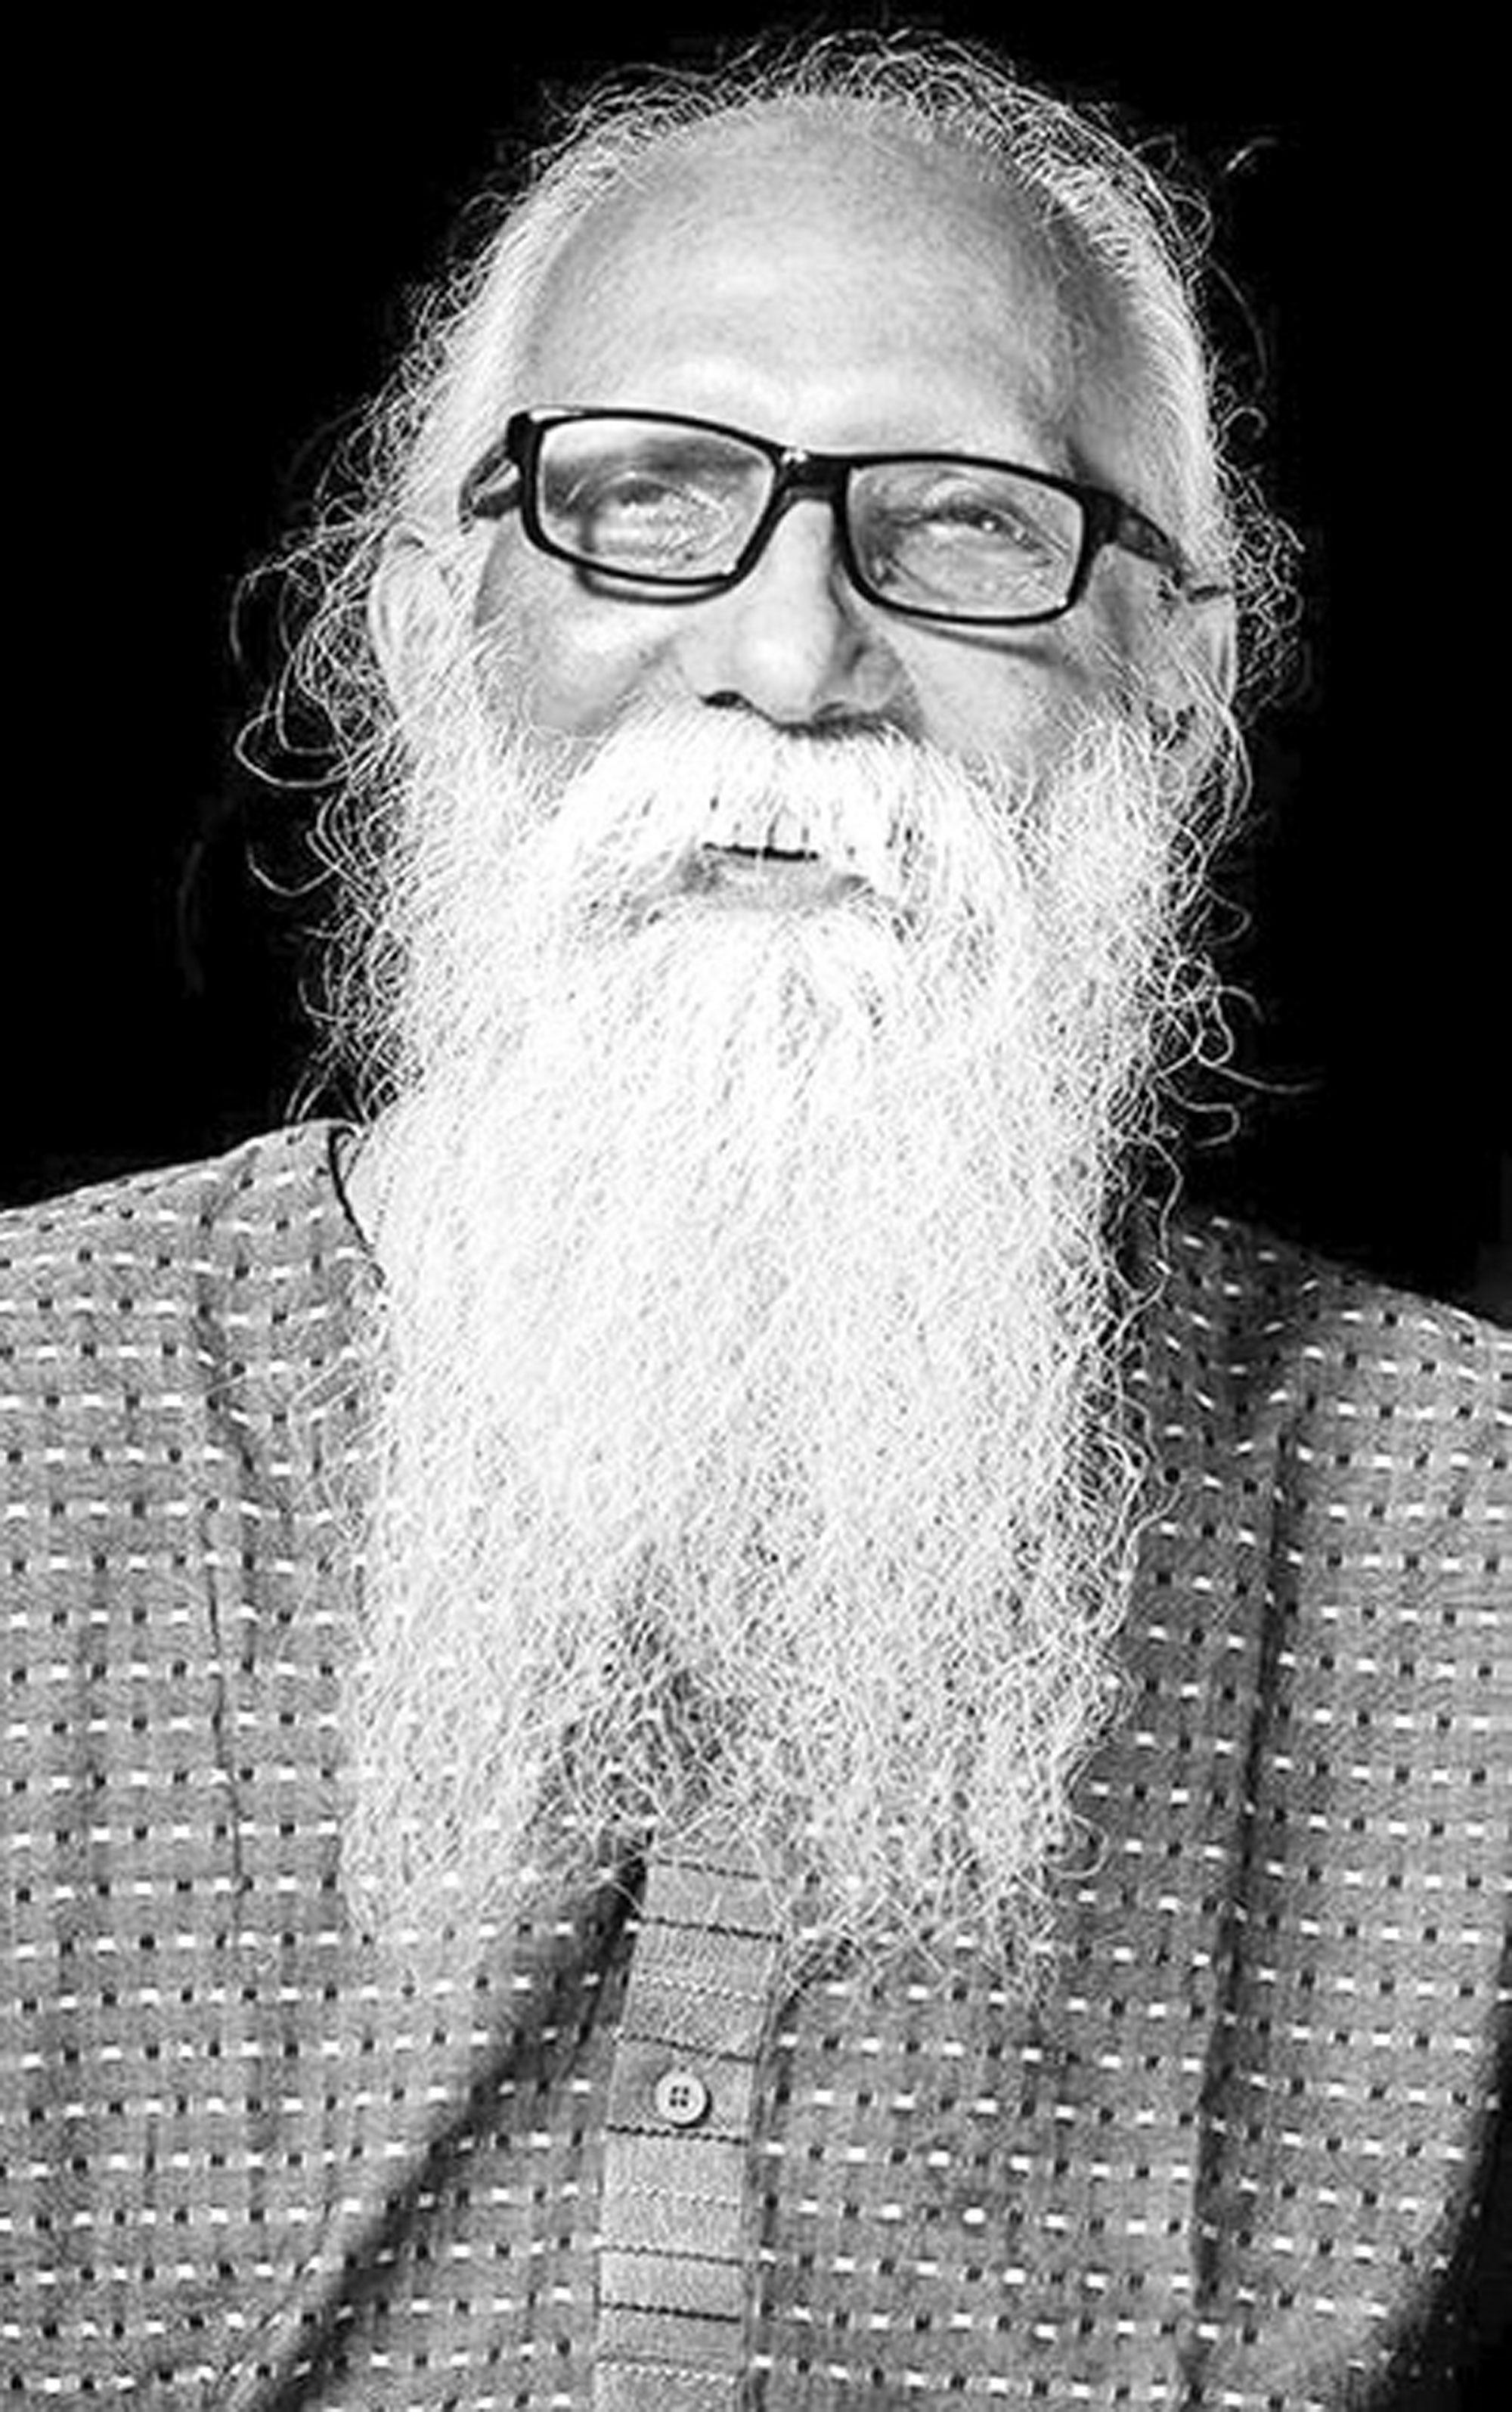 নির্মলেন্দু গুণের কবিতায় মানবিকতা, প্রেম-দ্রোহ, দেশাত্মবোধ